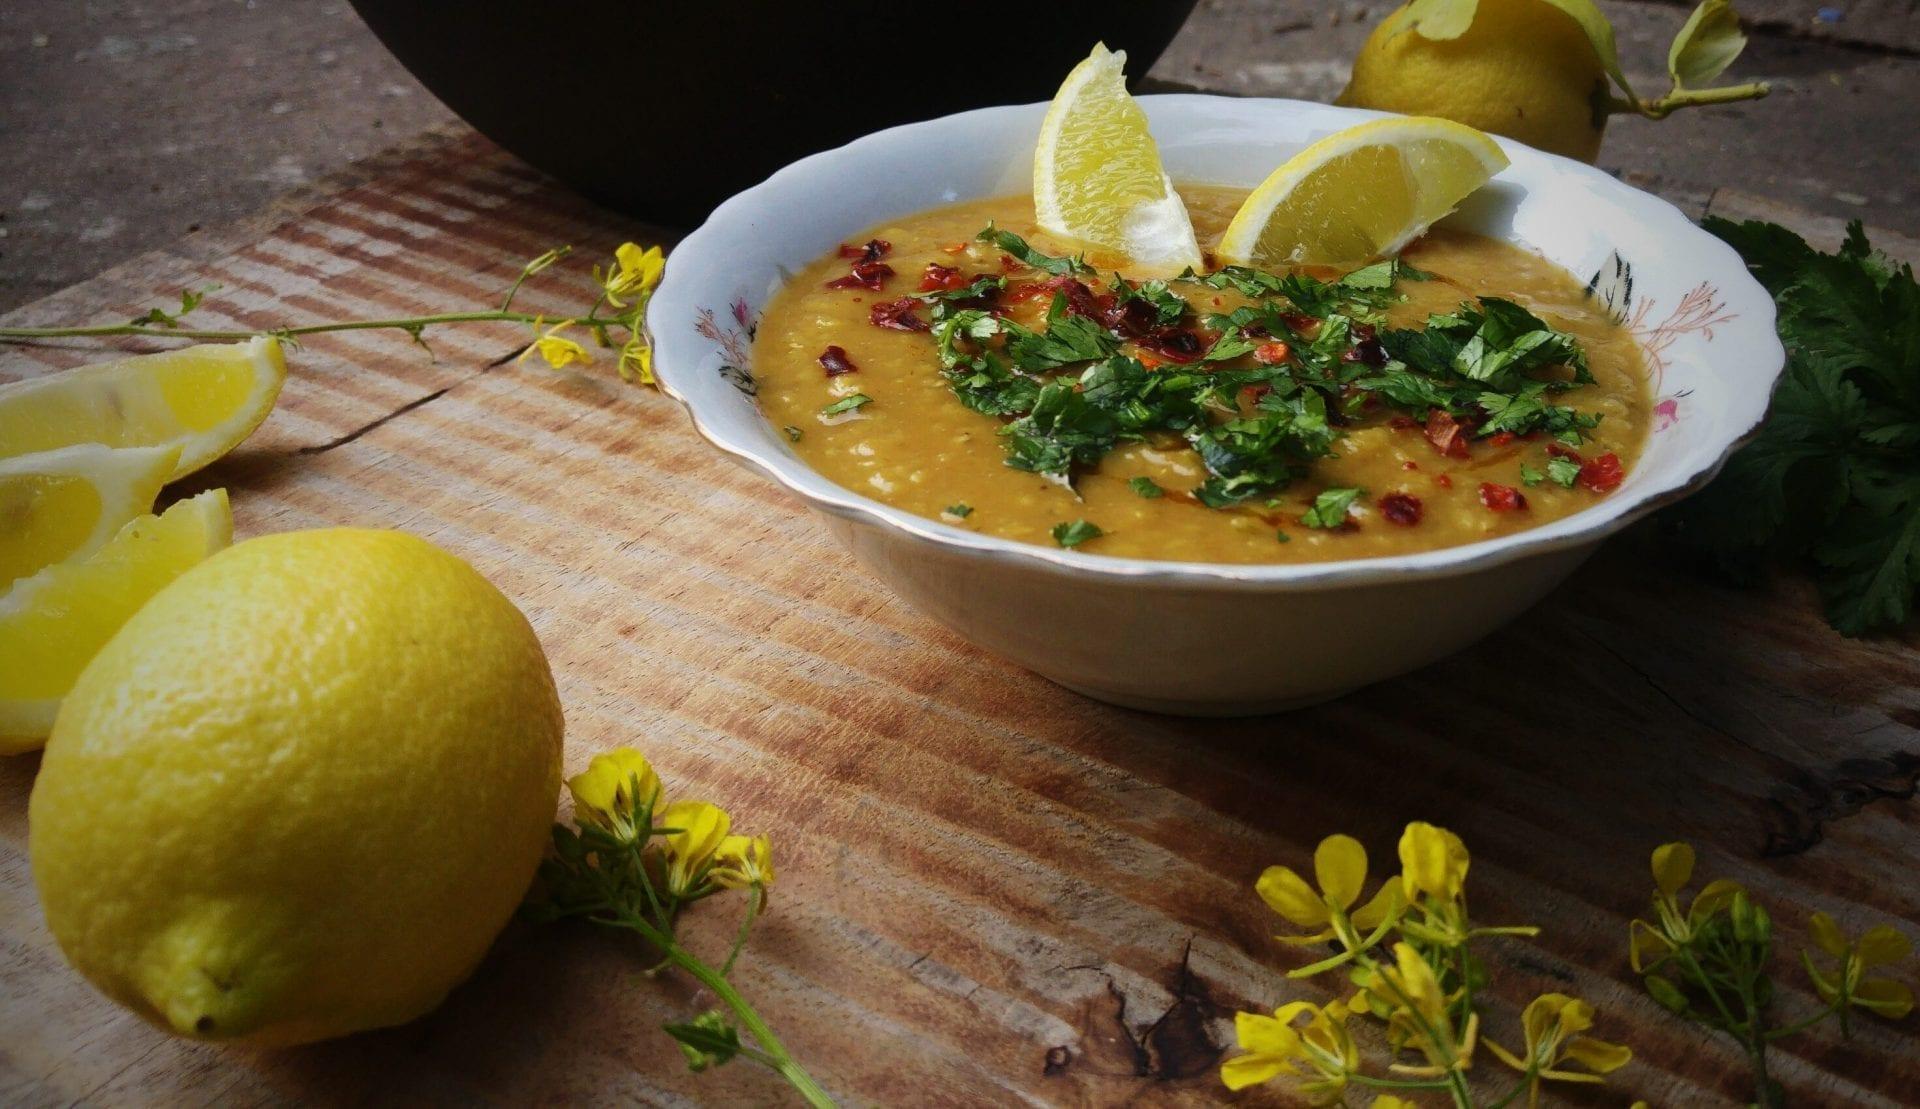 צ'ורבה – מרק עדשים טורקי לימוני בחמש דקות הכנה